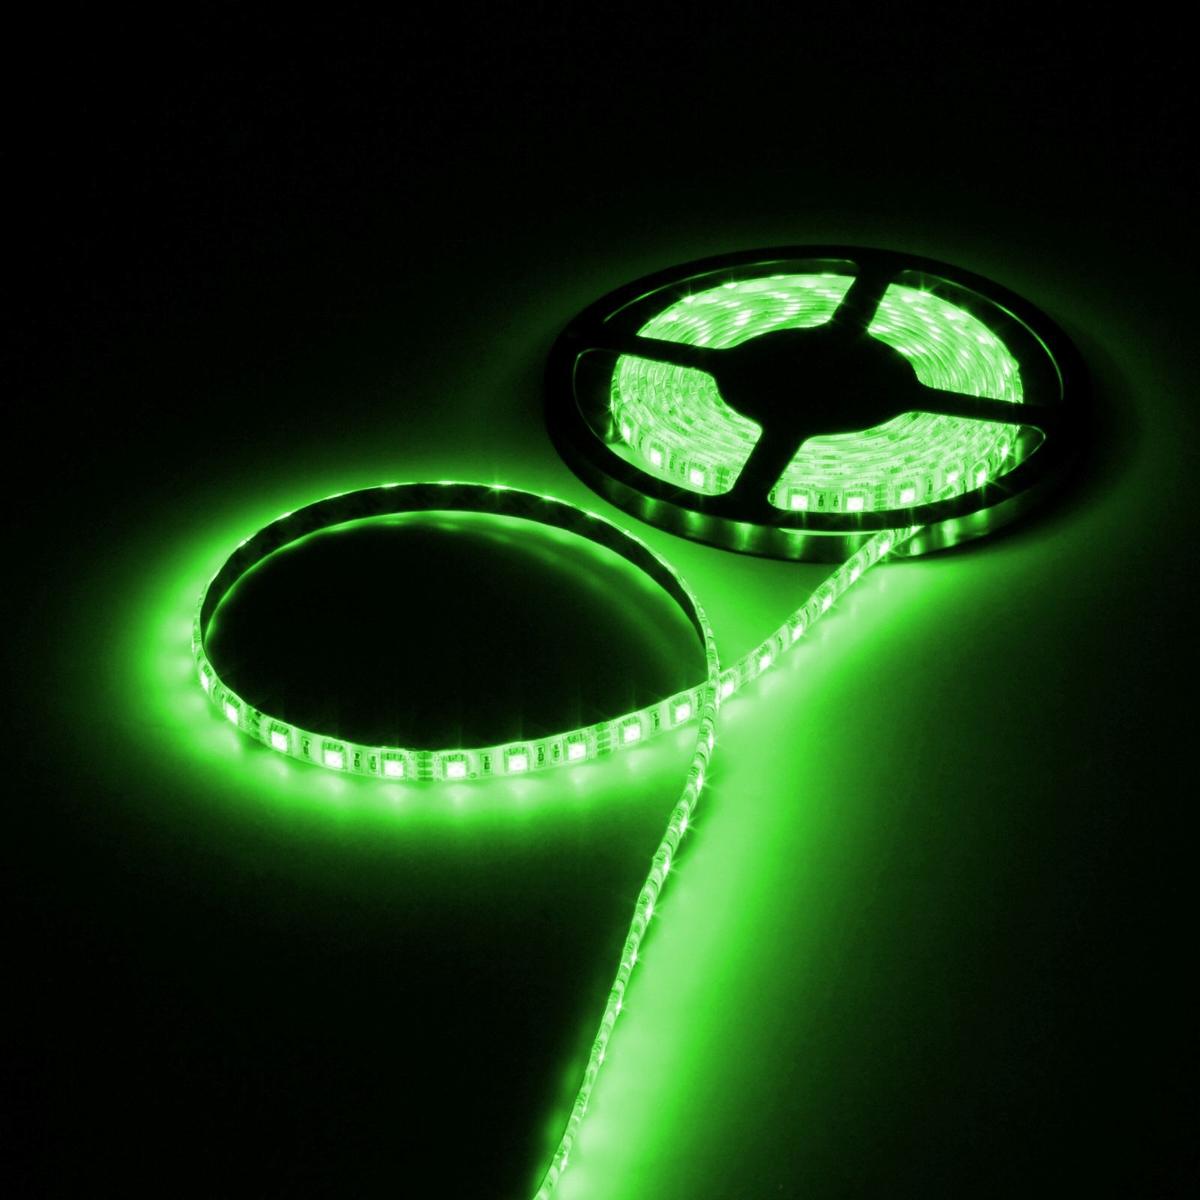 Светодиодная лента Luazon, 12В, SMD5050, длина 5 м, IP65, 60 LED ламп, 14.4 Вт/м, 14-16 Лм/1 LED, DC, цвет: зеленый883950Светодиодные гирлянды, ленты и т.д — это отличный вариант для новогоднего оформления интерьера или фасада. С их помощью помещение любого размера можно превратить в праздничный зал, а внешние элементы зданий, украшенные ими, мгновенно станут напоминать очертания сказочного дворца. Такие украшения создают ауру предвкушения чуда. Деревья, фасады, витрины, окна и арки будто специально созданы, чтобы вы украсили их светящимися нитями.